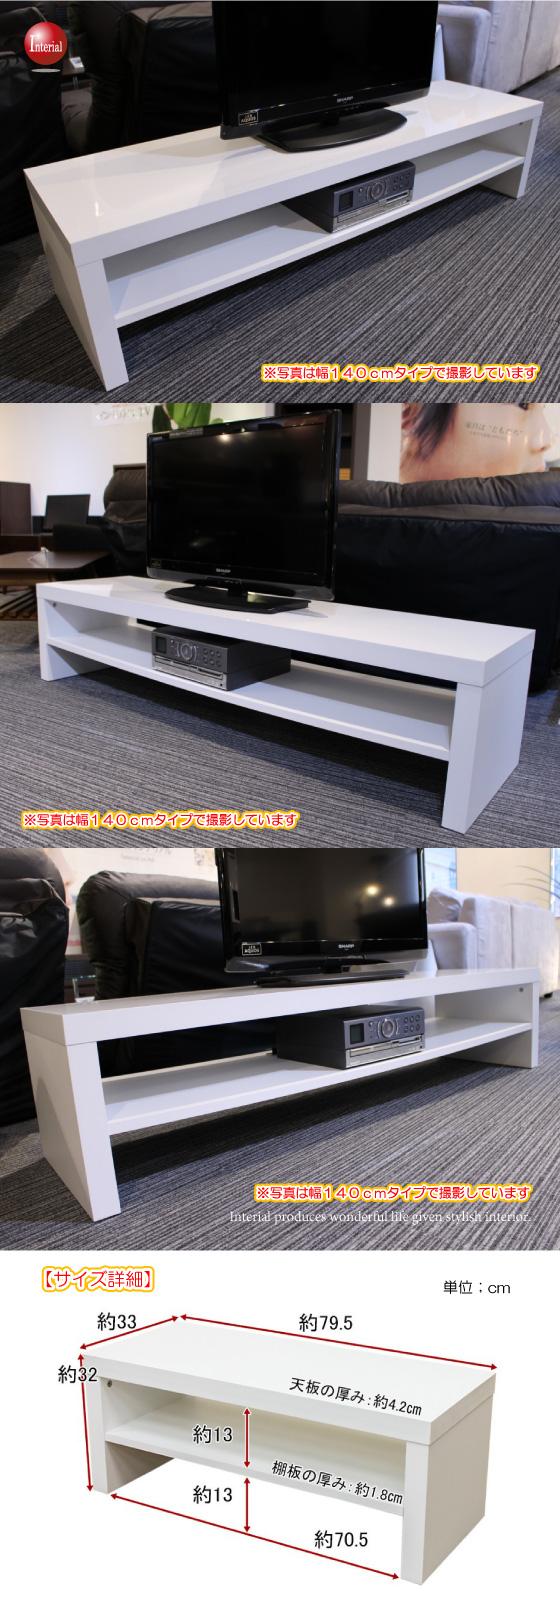 鏡面ハイグロス塗装・幅80cmテレビボード(ホワイト)【完売しました】